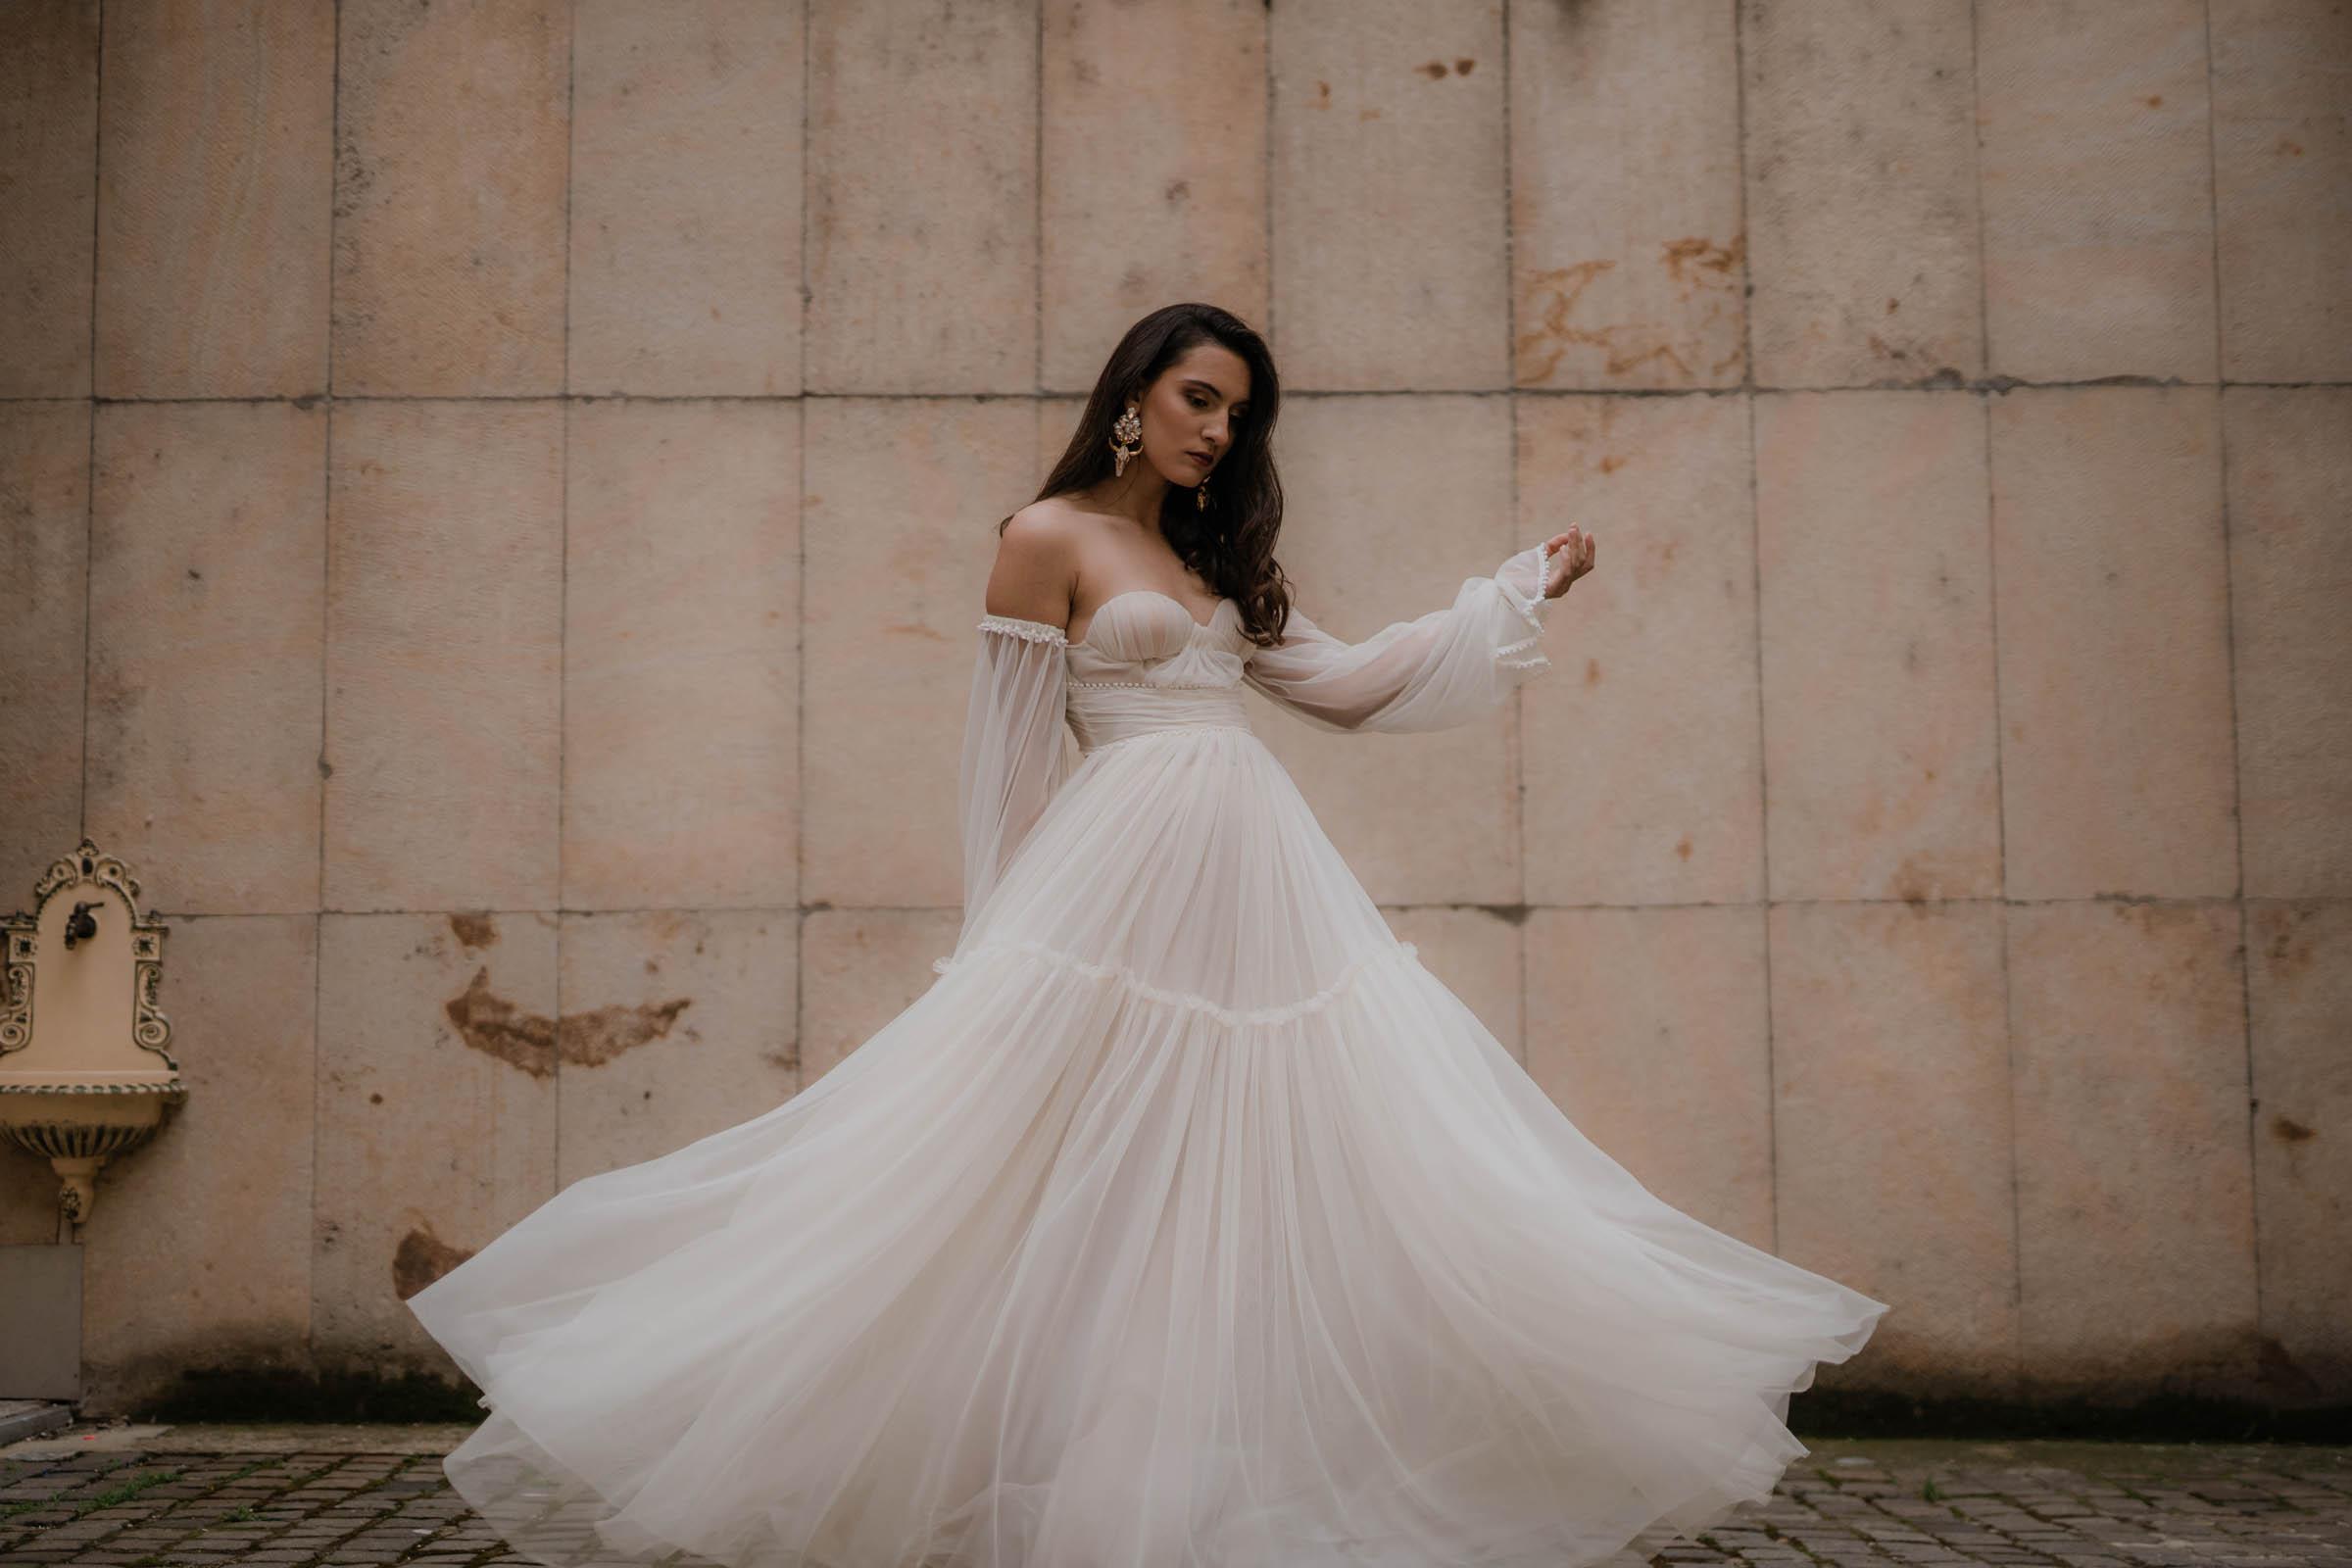 boho-svadobne-saty-veronika-kostkova-wedding-atelier-2019-isa-3